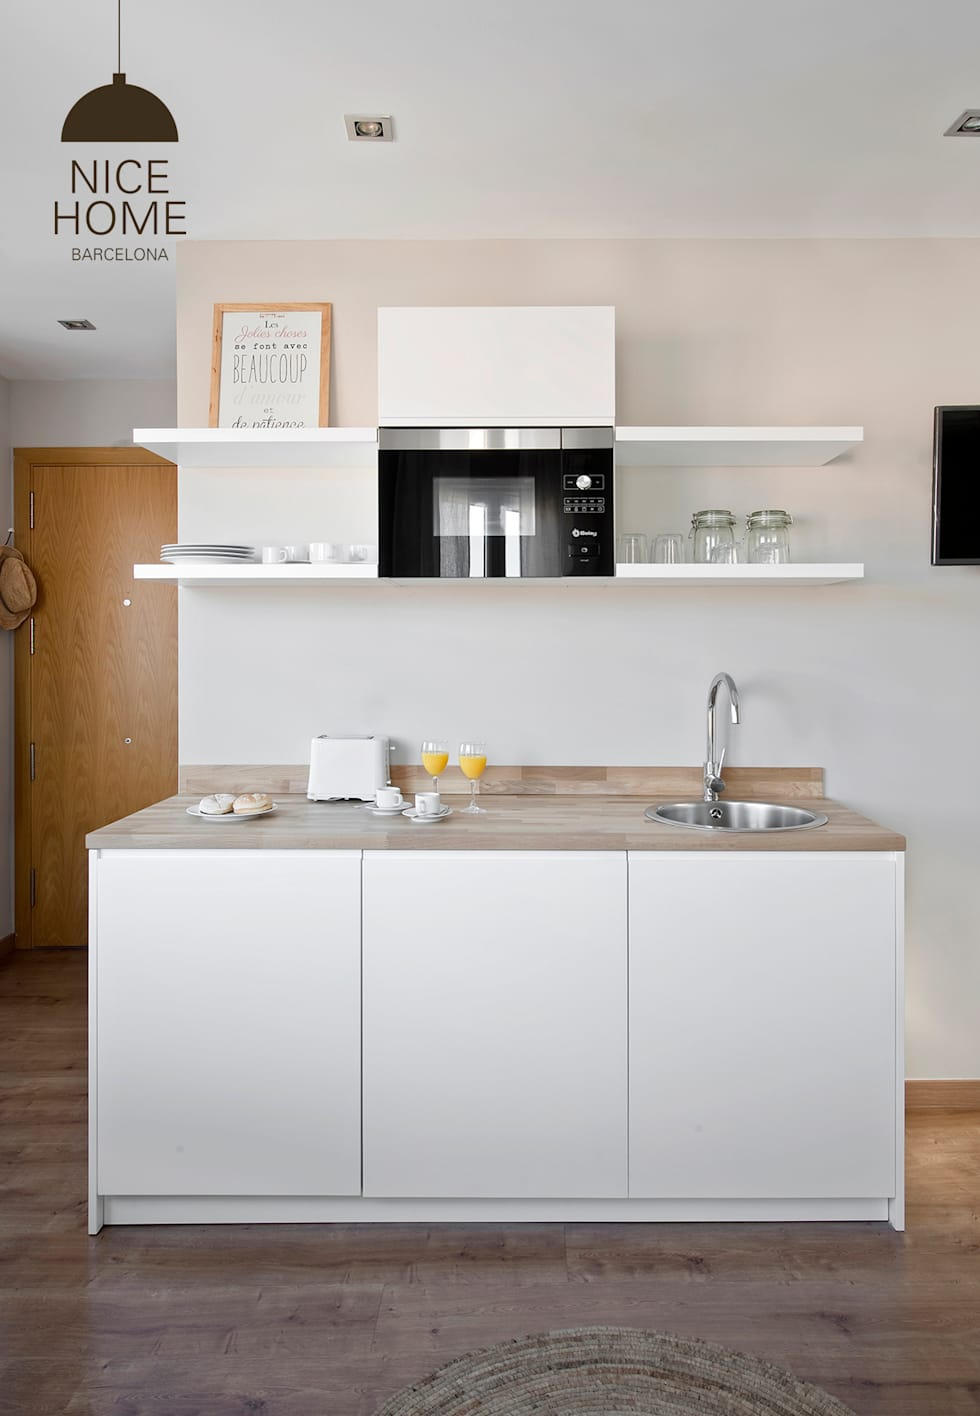 Fotos de decora o design de interiores e remodela es - Nice home barcelona ...